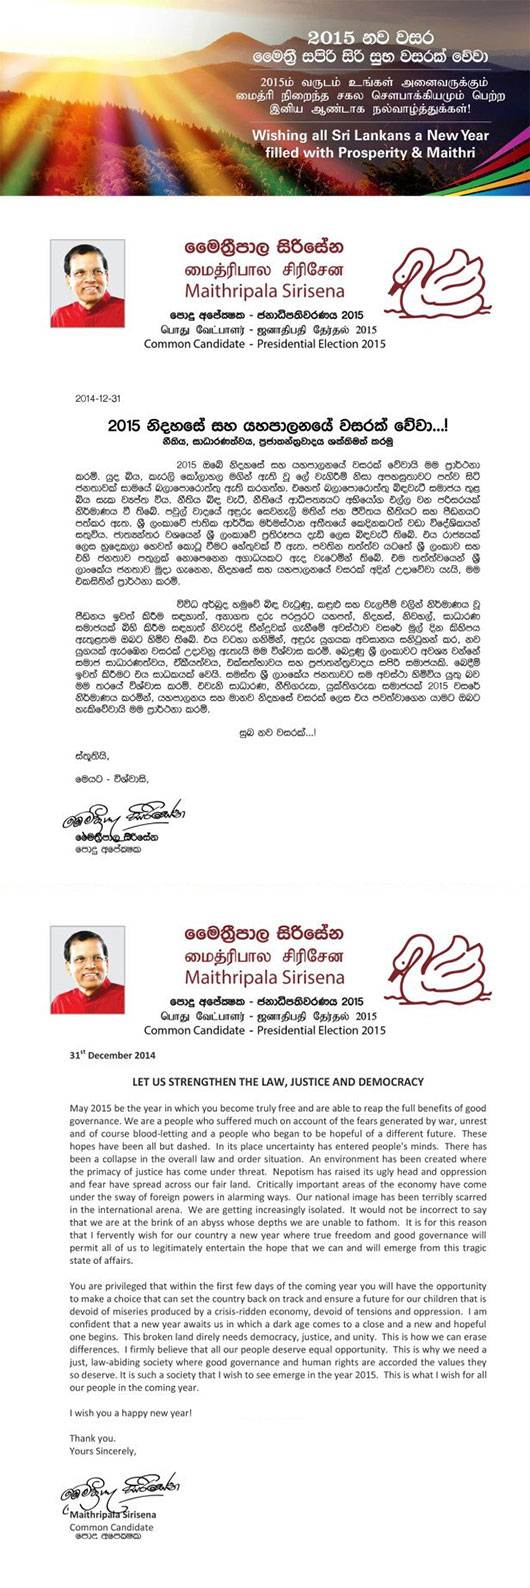 2015 New Year Message of Maithripala Sirisena